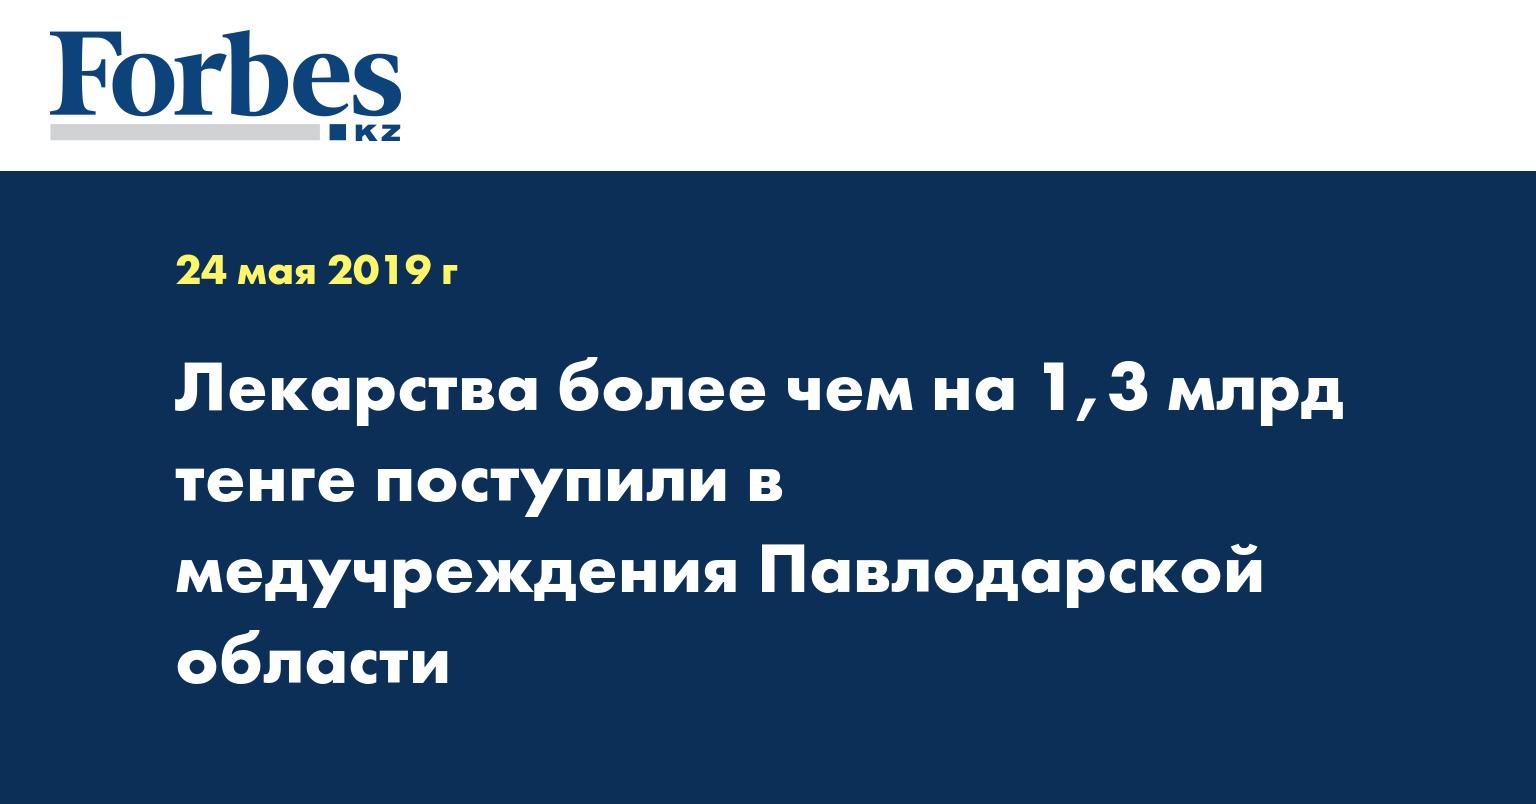 Лекарства более чем на 1,3 млрд тенге поступили в медучреждения Павлодарской области